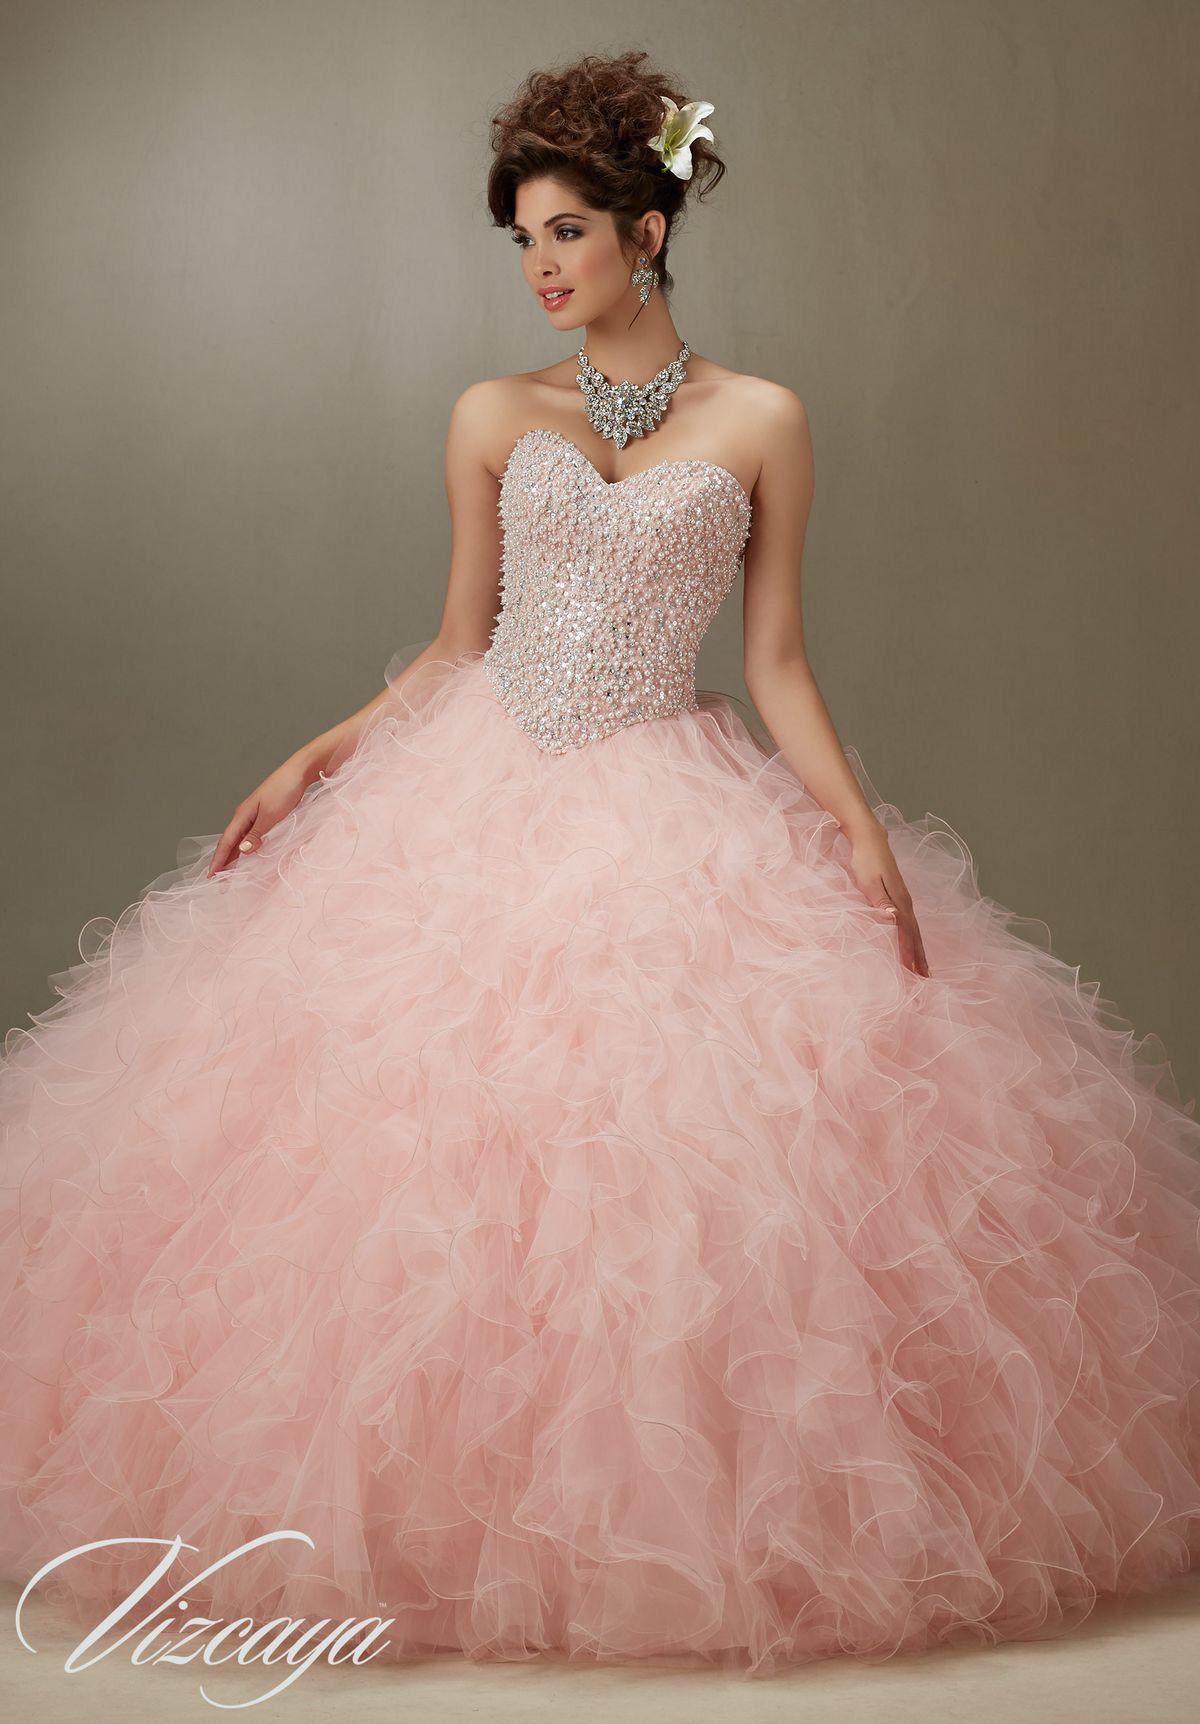 Light pink dress | XV años | Pinterest | 15 vestidos, Años y Vestiditos